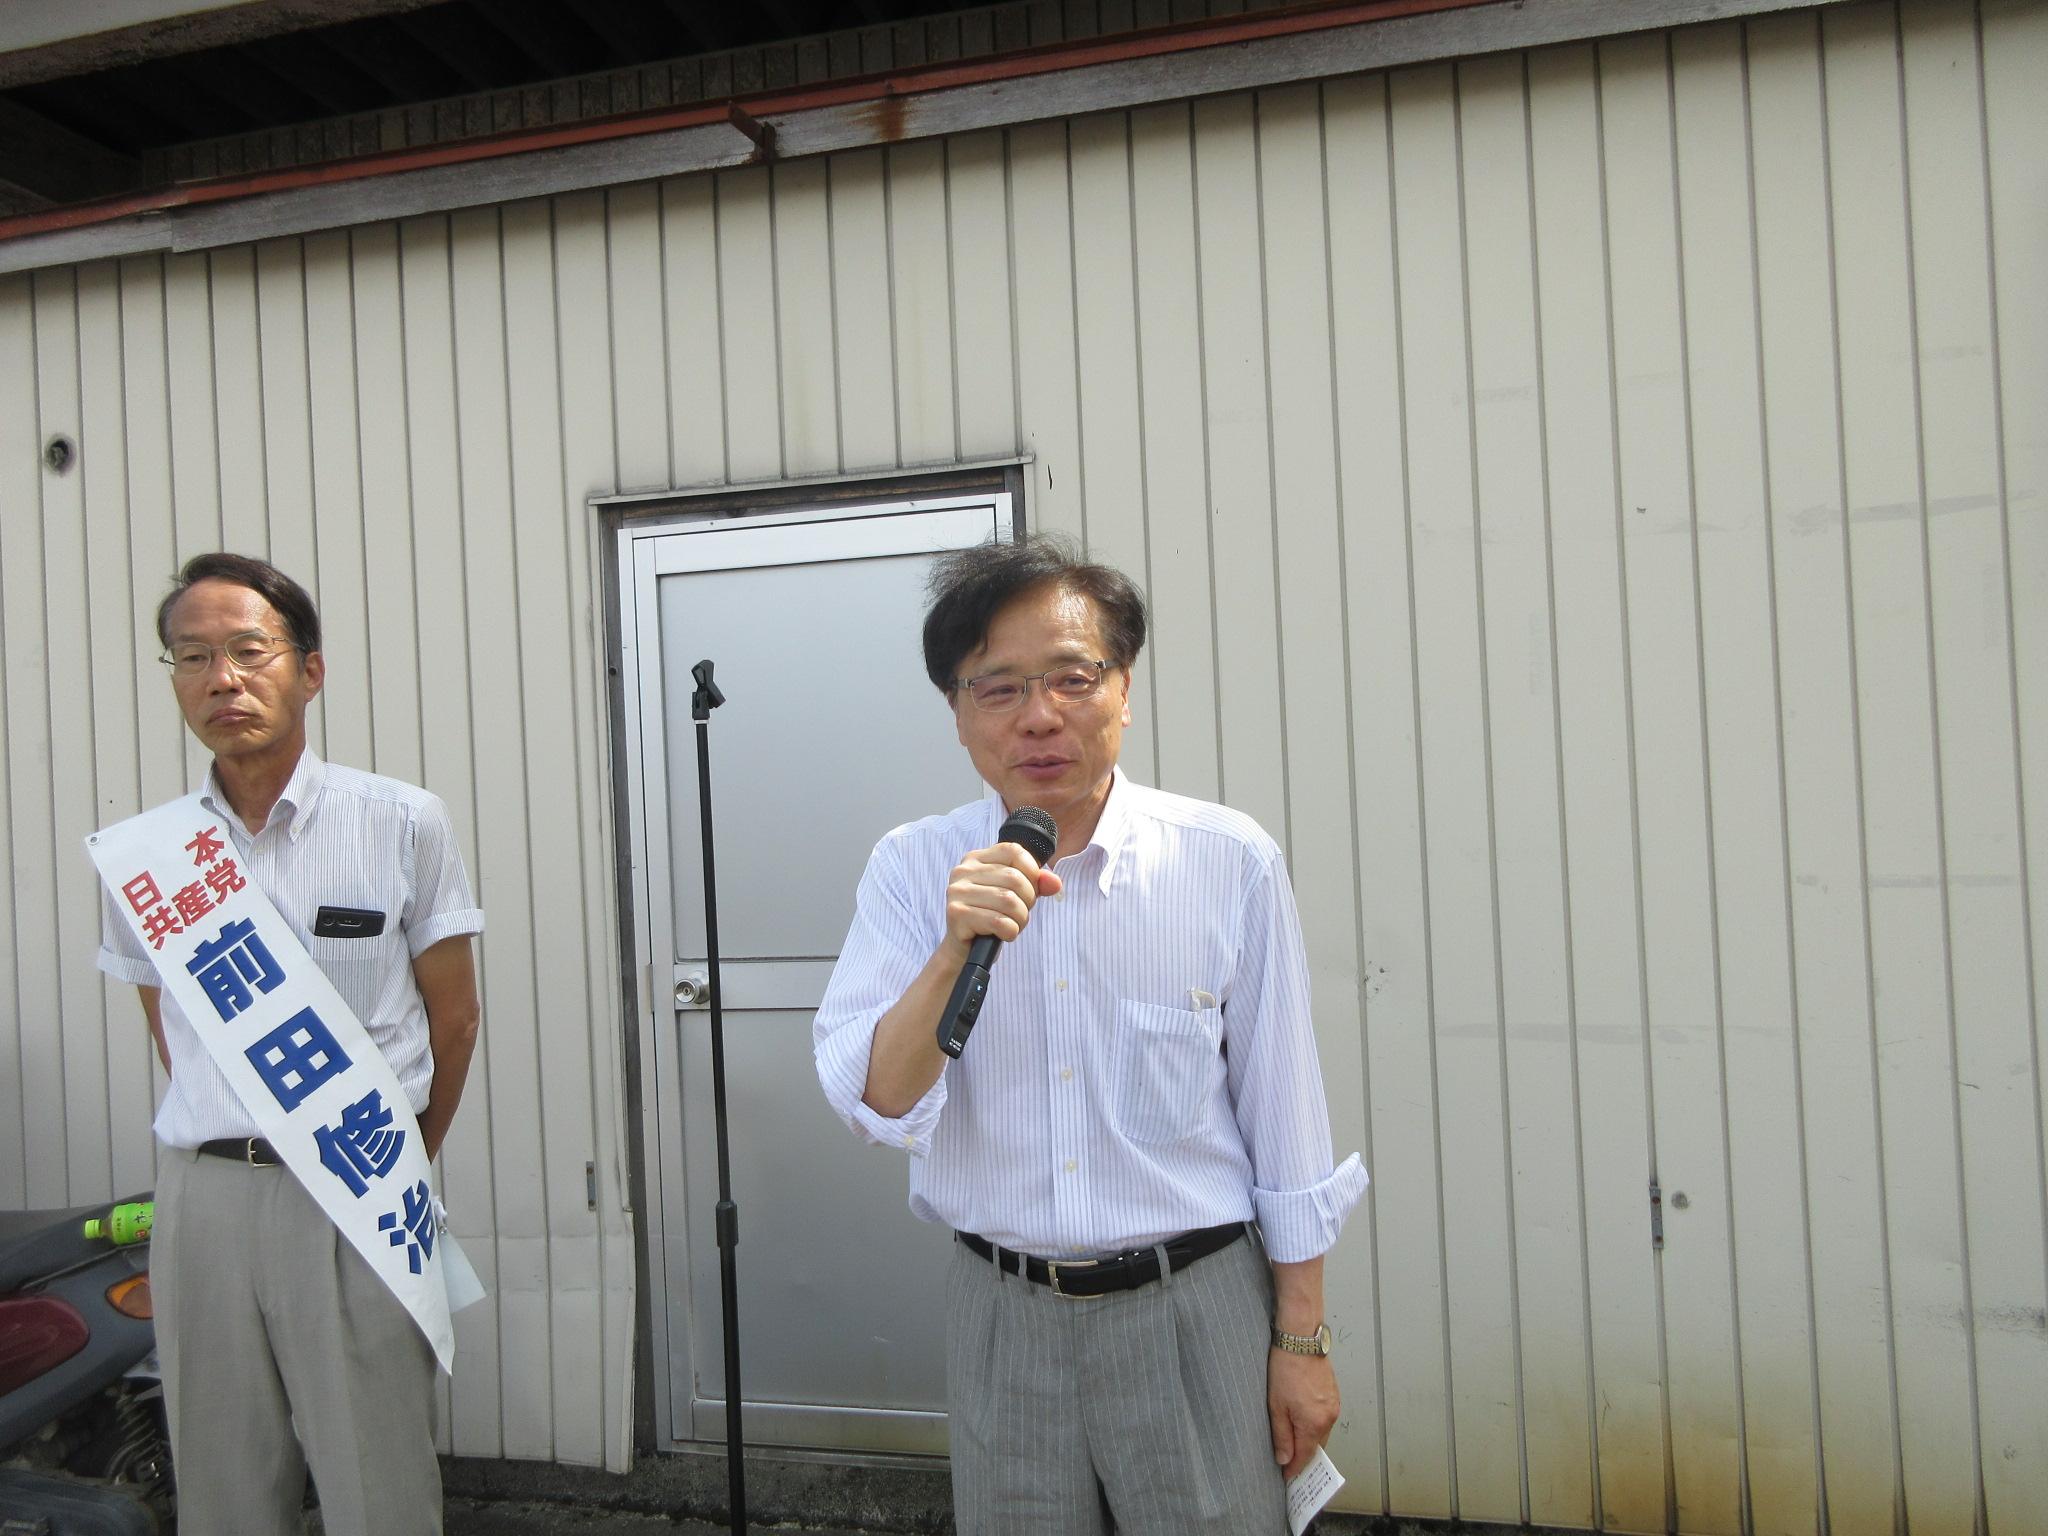 http://www.inoue-satoshi.com/diary/IMG_5597.JPG